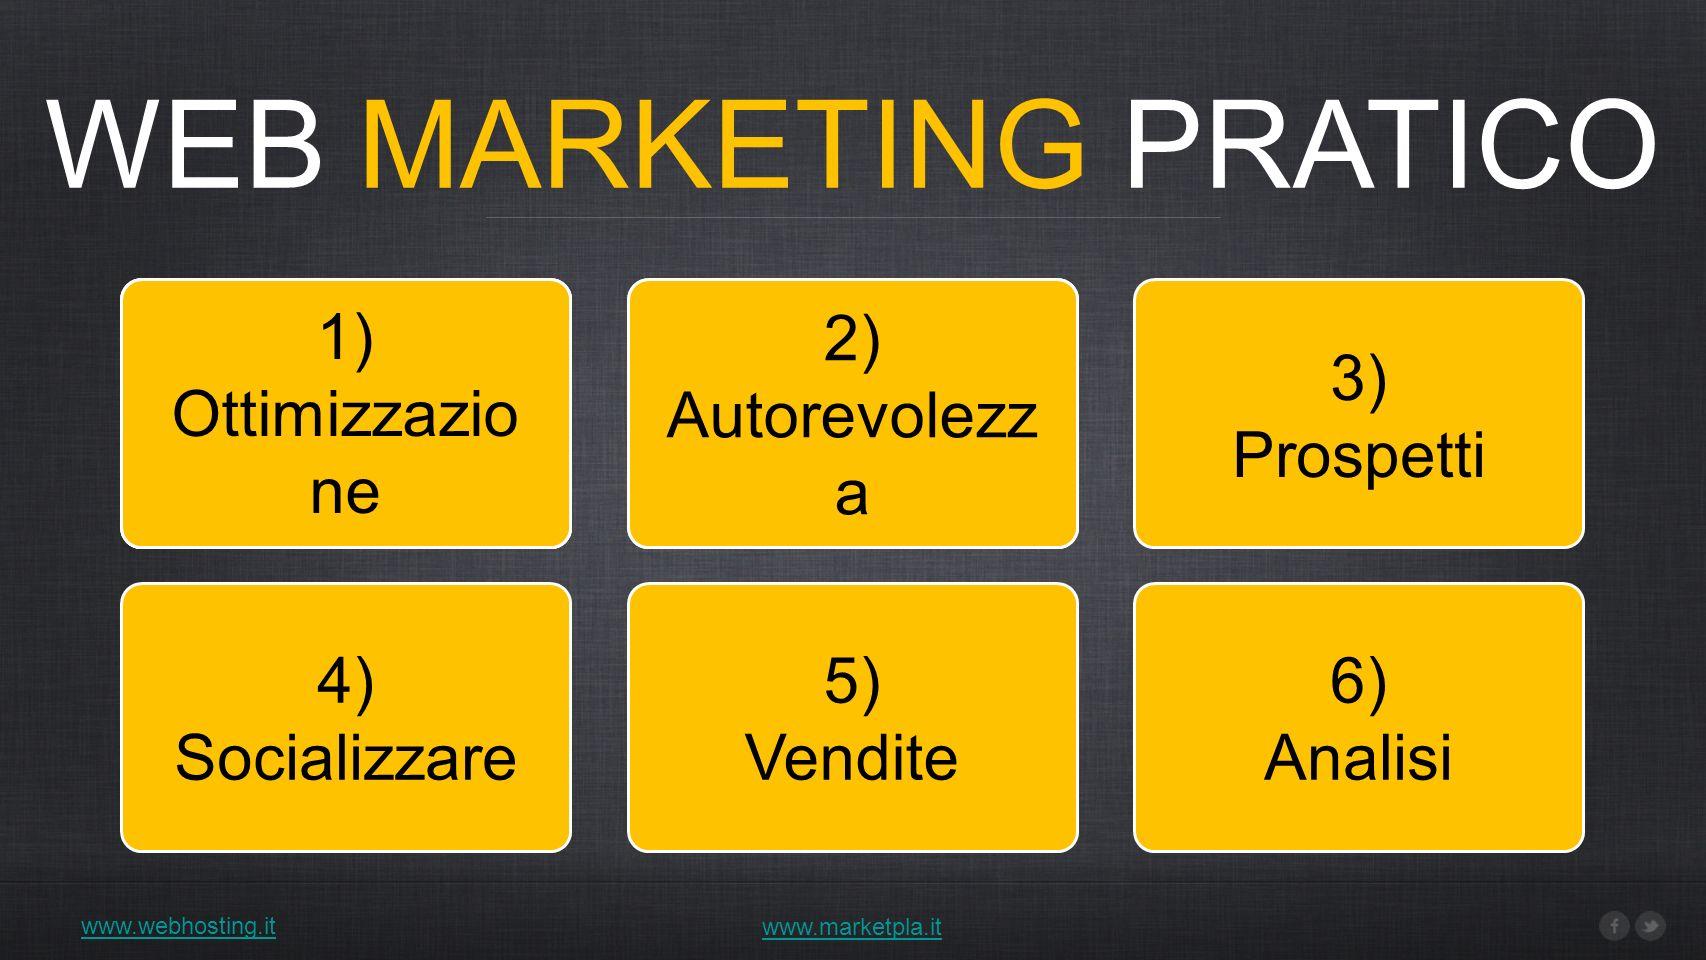 WEB MARKETING PRATICO www.webhosting.it www.marketpla.it 1) Traffico 2) Back Link 1) Ottimizzazio ne 2) Autorevolezz a 3) Prospetti 4) Socializzare 5) Vendite 6) Analisi